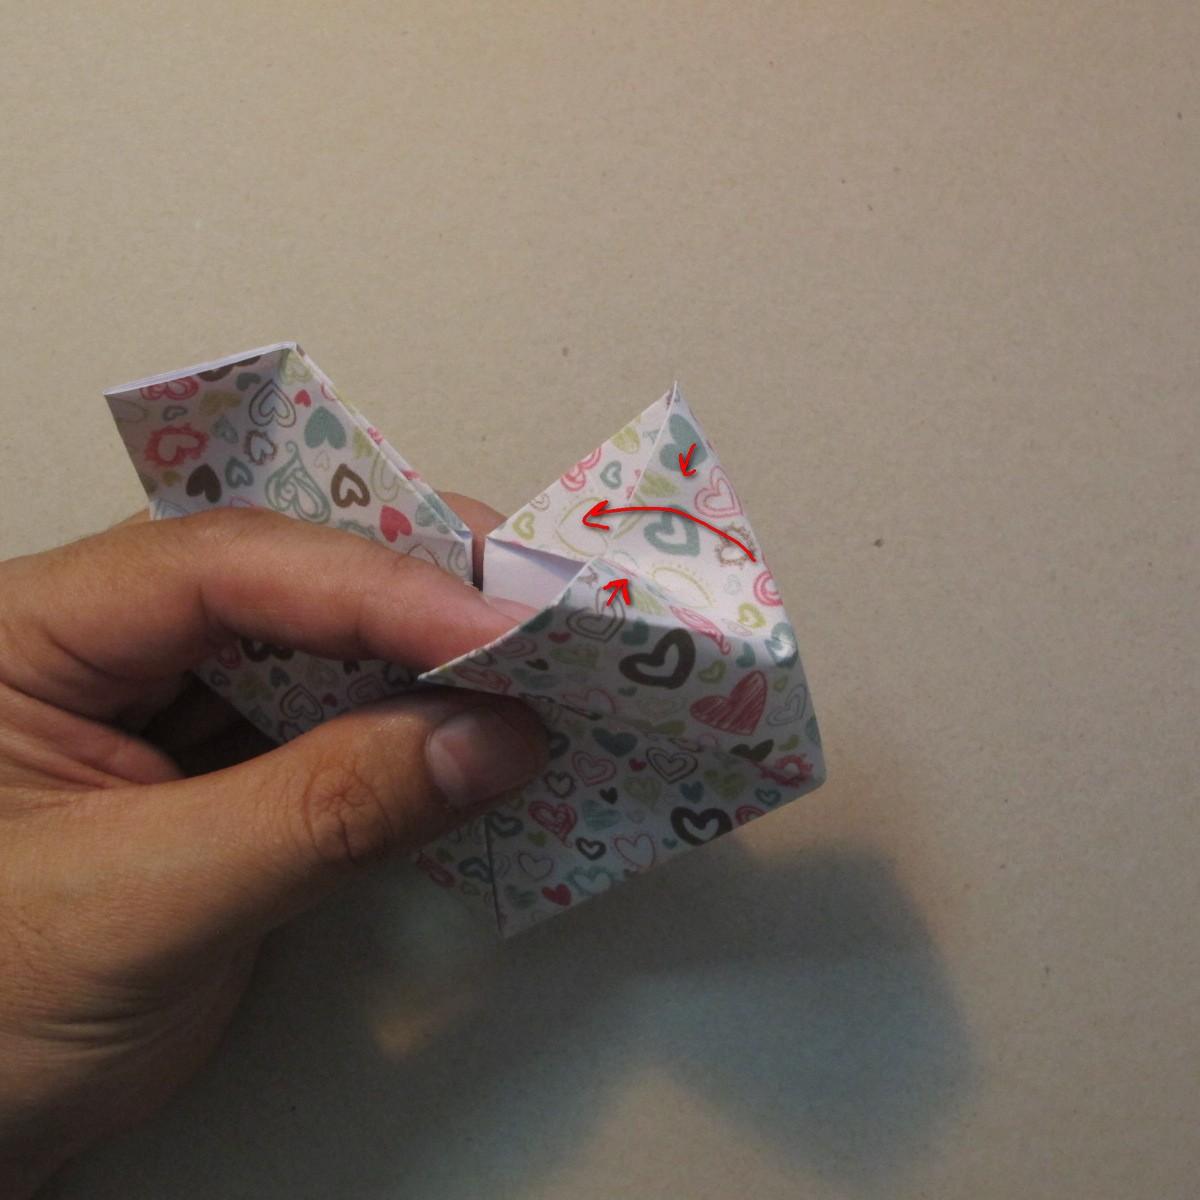 วิธีการพับกระดาษเป็นรูปหัวใจ 016